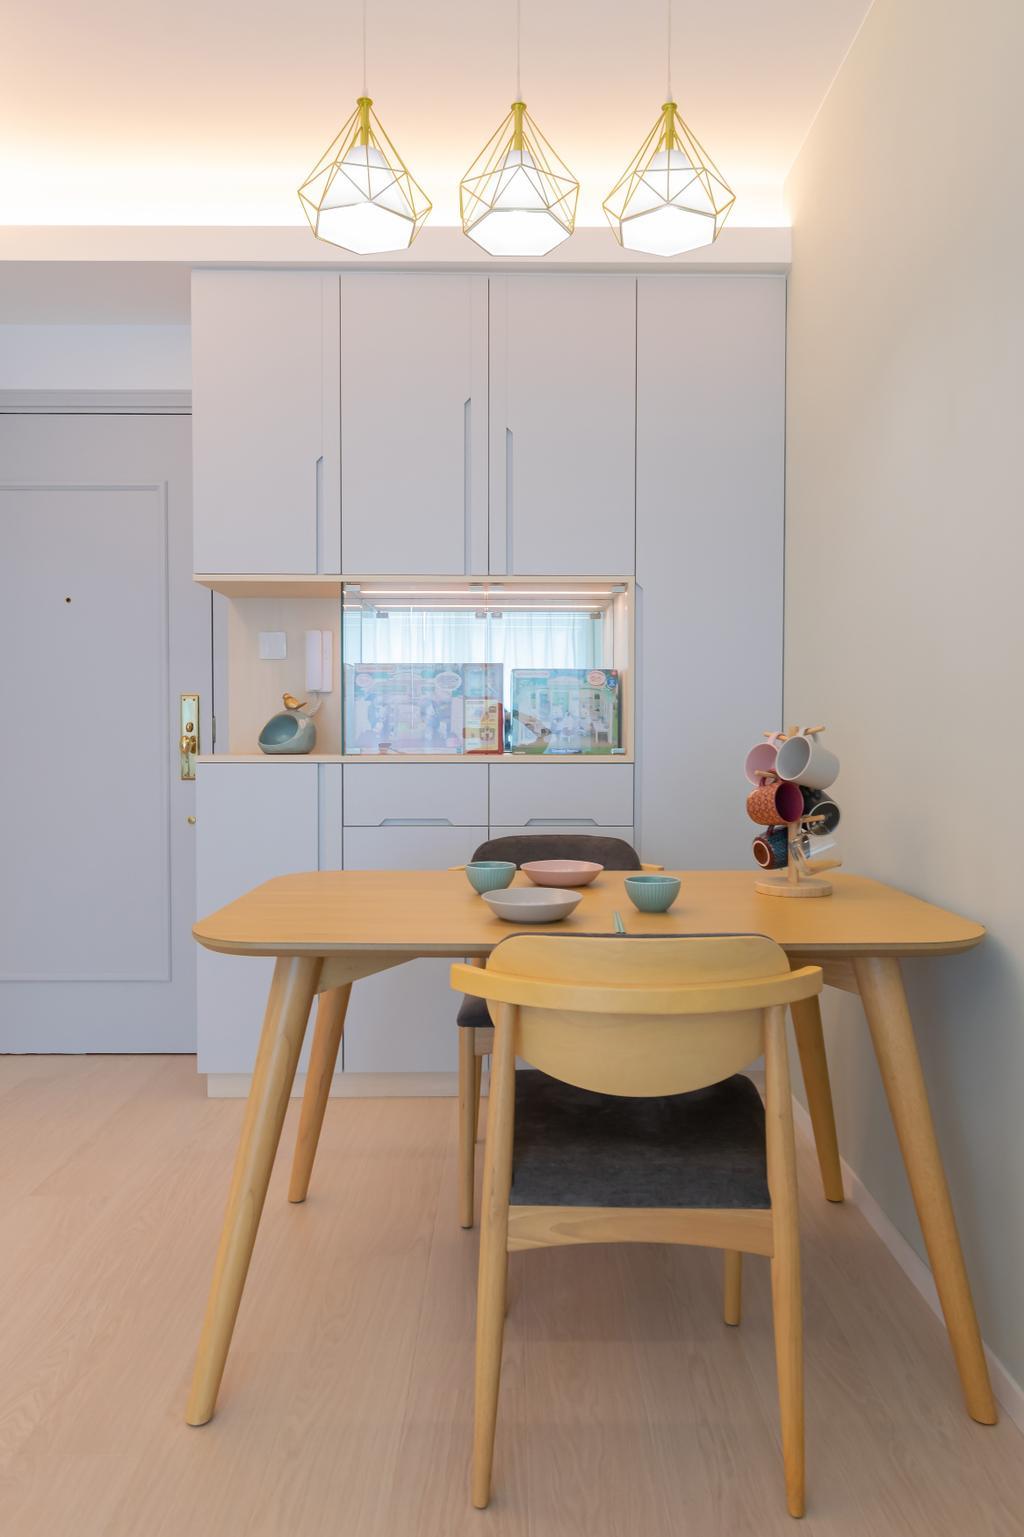 摩登, 私家樓, 飯廳, 都會駅, 室內設計師, 現時設計, 簡約